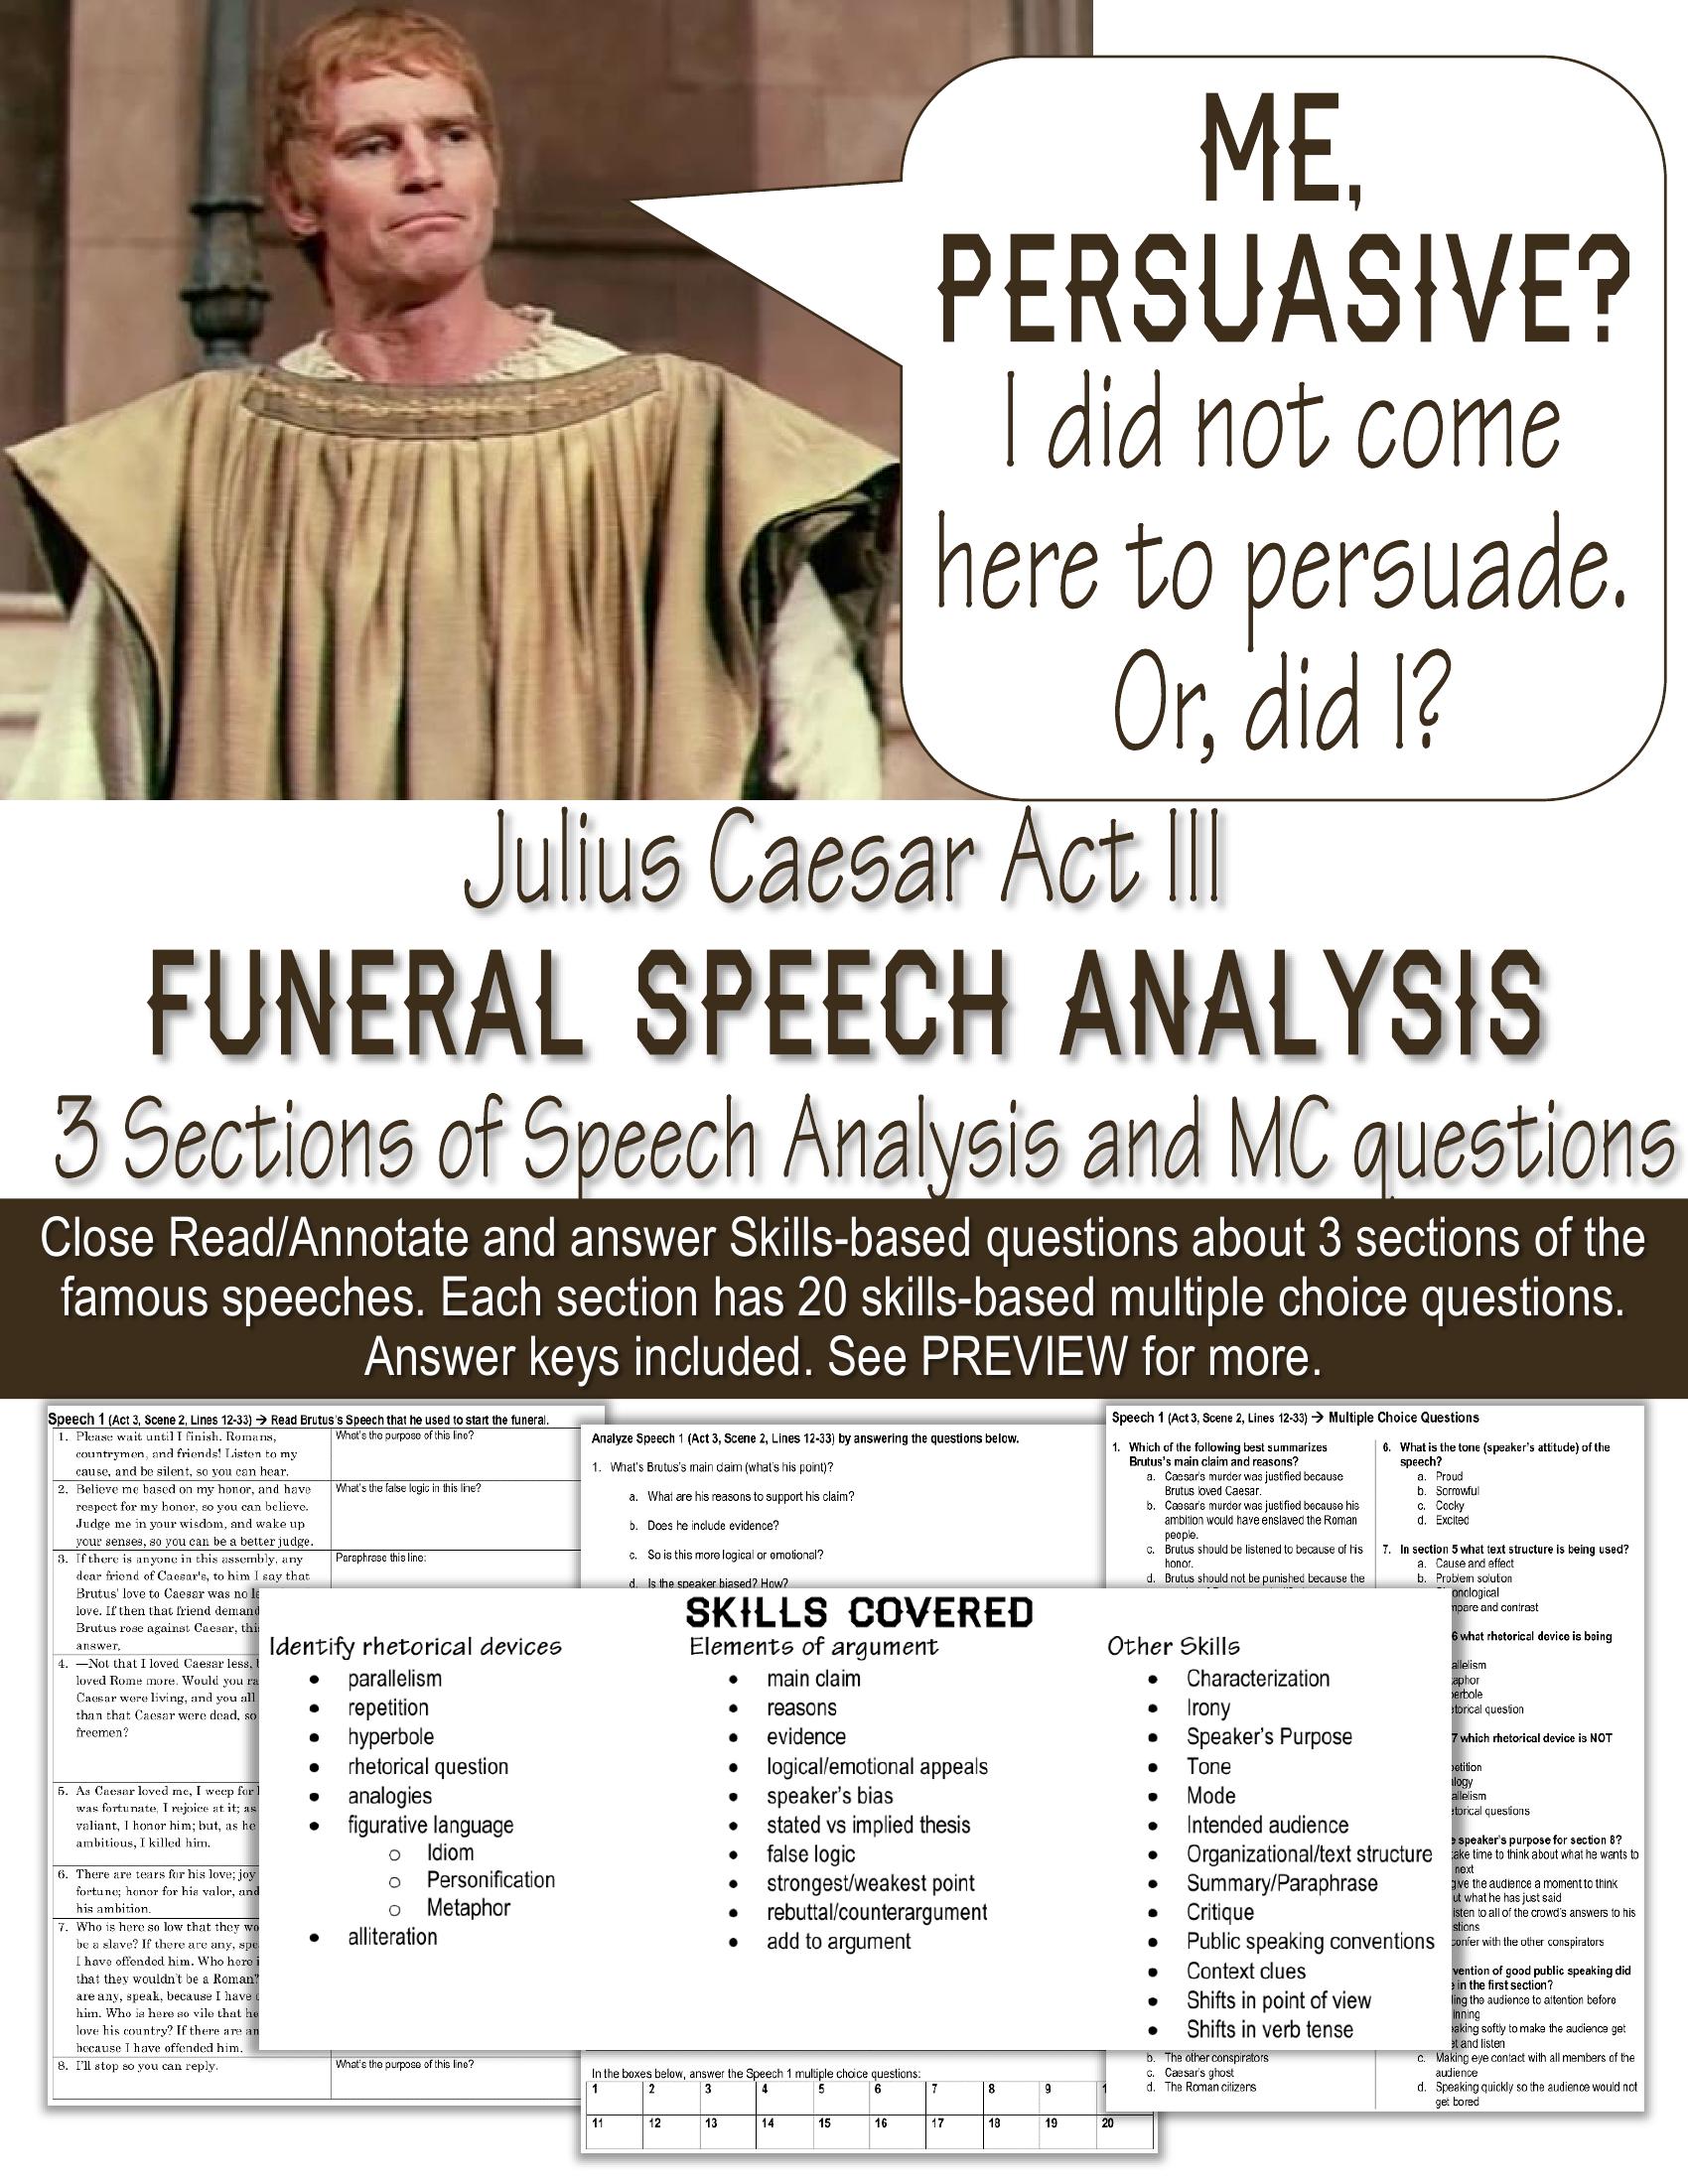 Julius Caesar Funeral Speeches